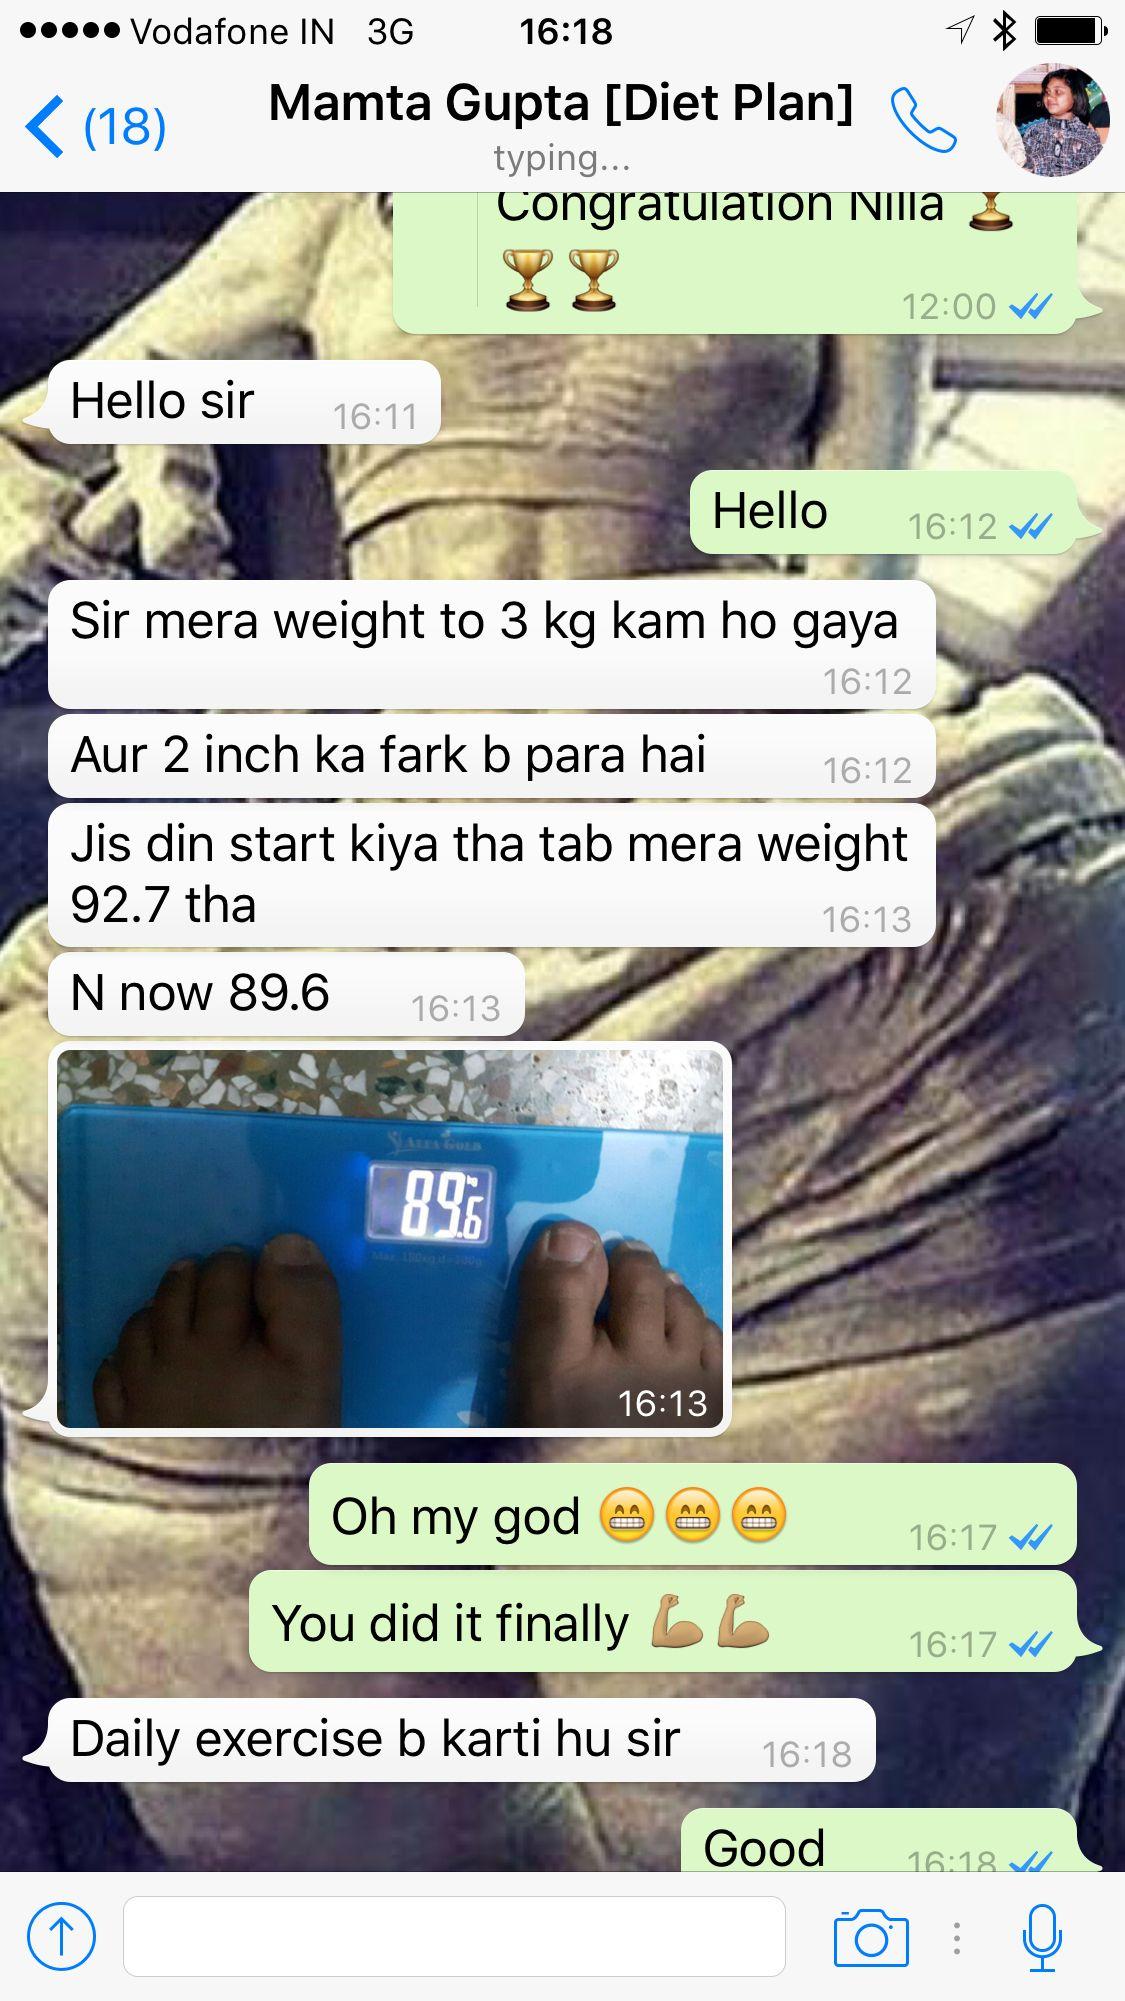 Baba ramdev yoga weight loss tips in hindi image 3